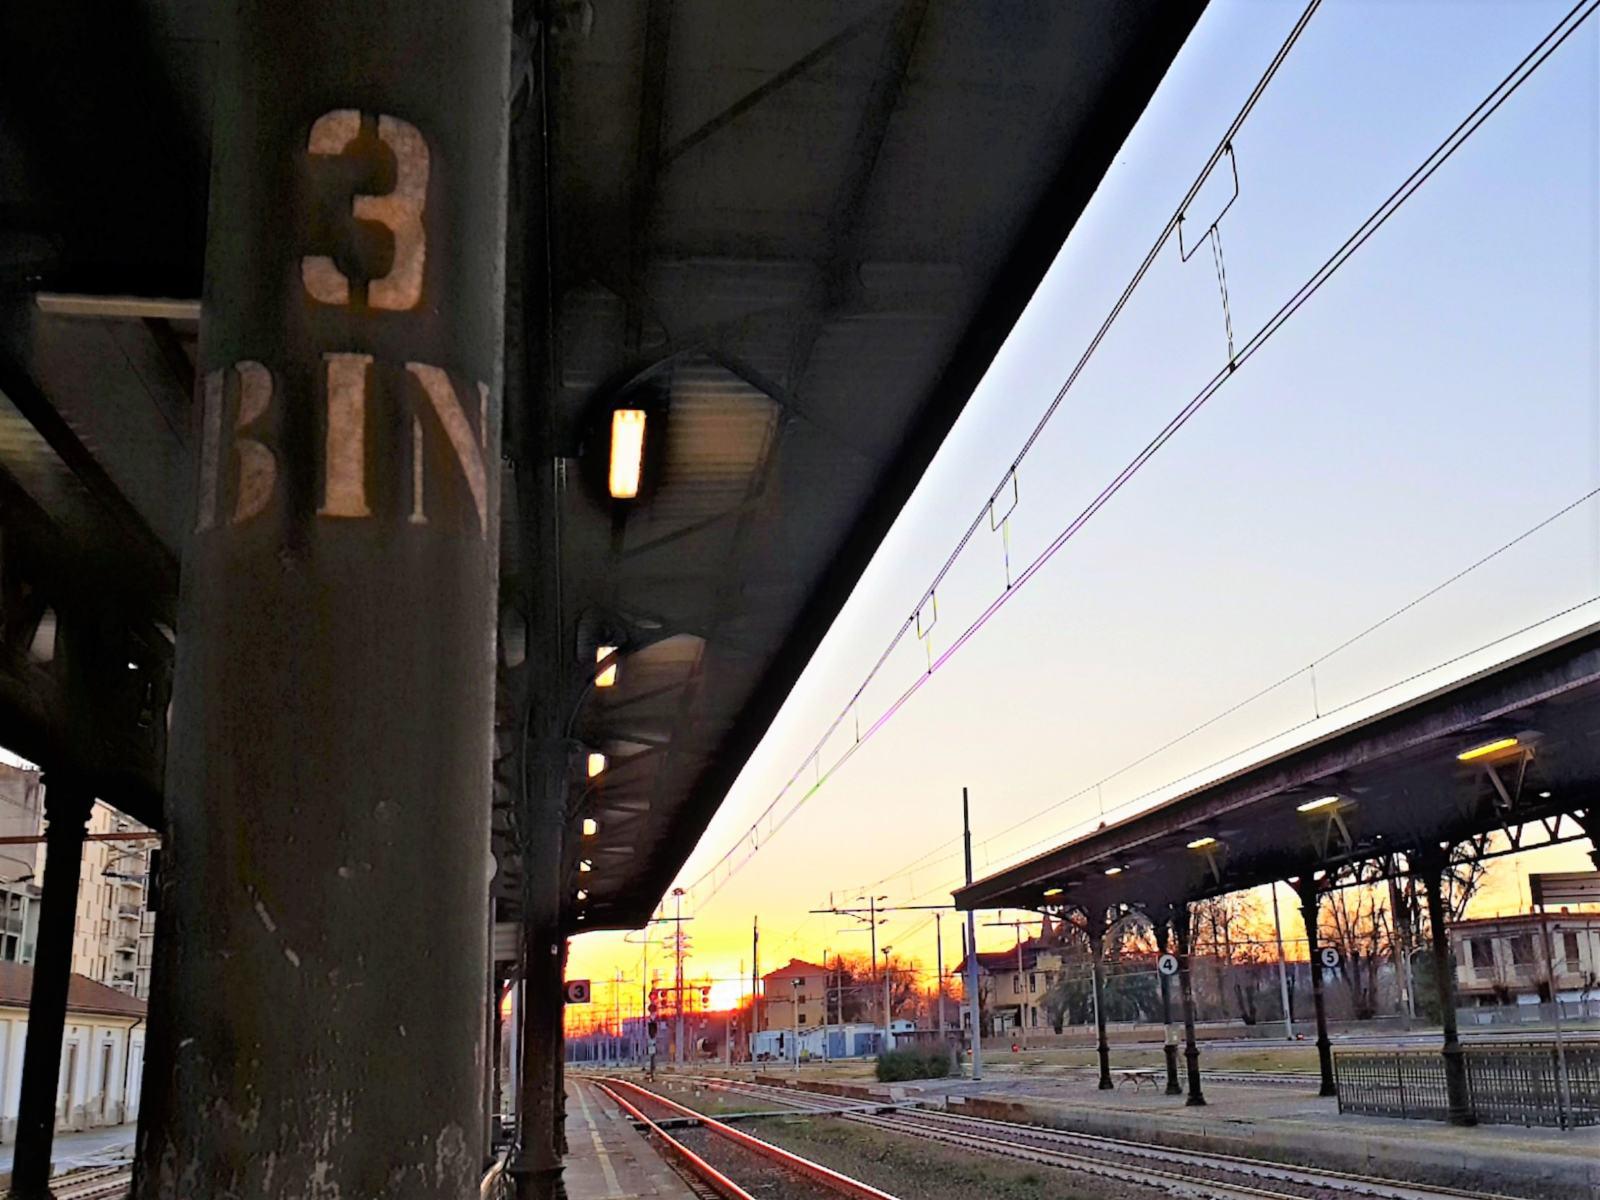 Stazione ferroviaria di Tortona - Binario 3